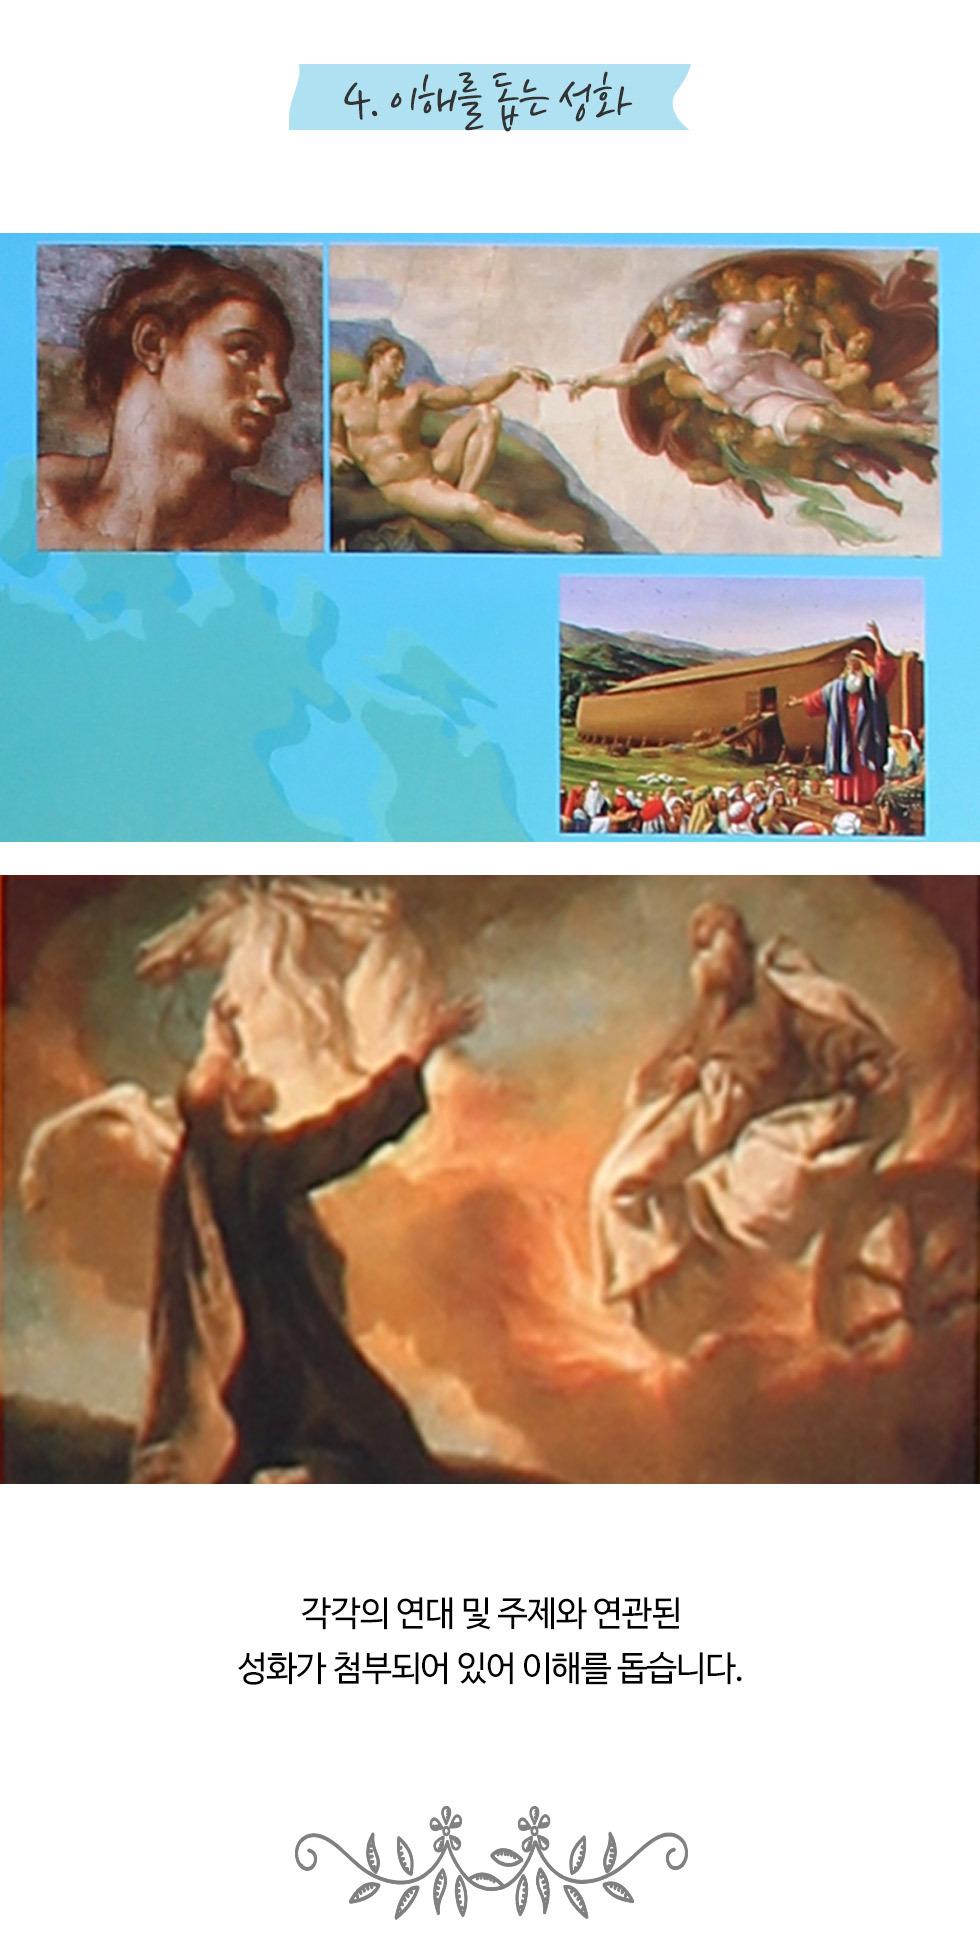 그리스도의 족보와 성경연대기 포스터 - 삽화